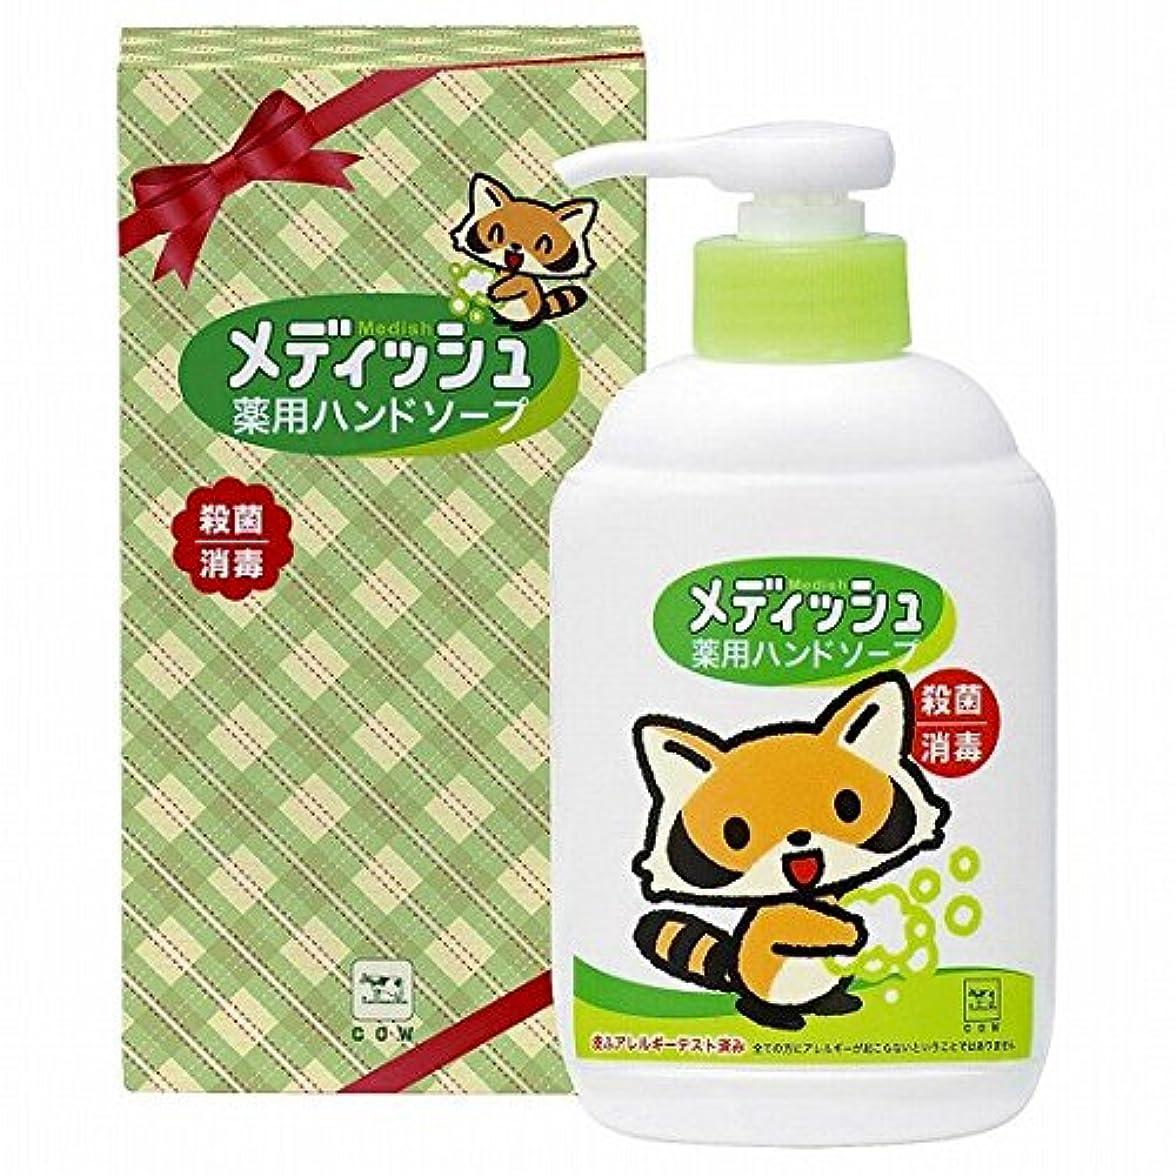 修道院どちらも測るnobrand 牛乳石鹸 メディッシュ 薬用ハンドソープ 250ml 箱入(MS35)